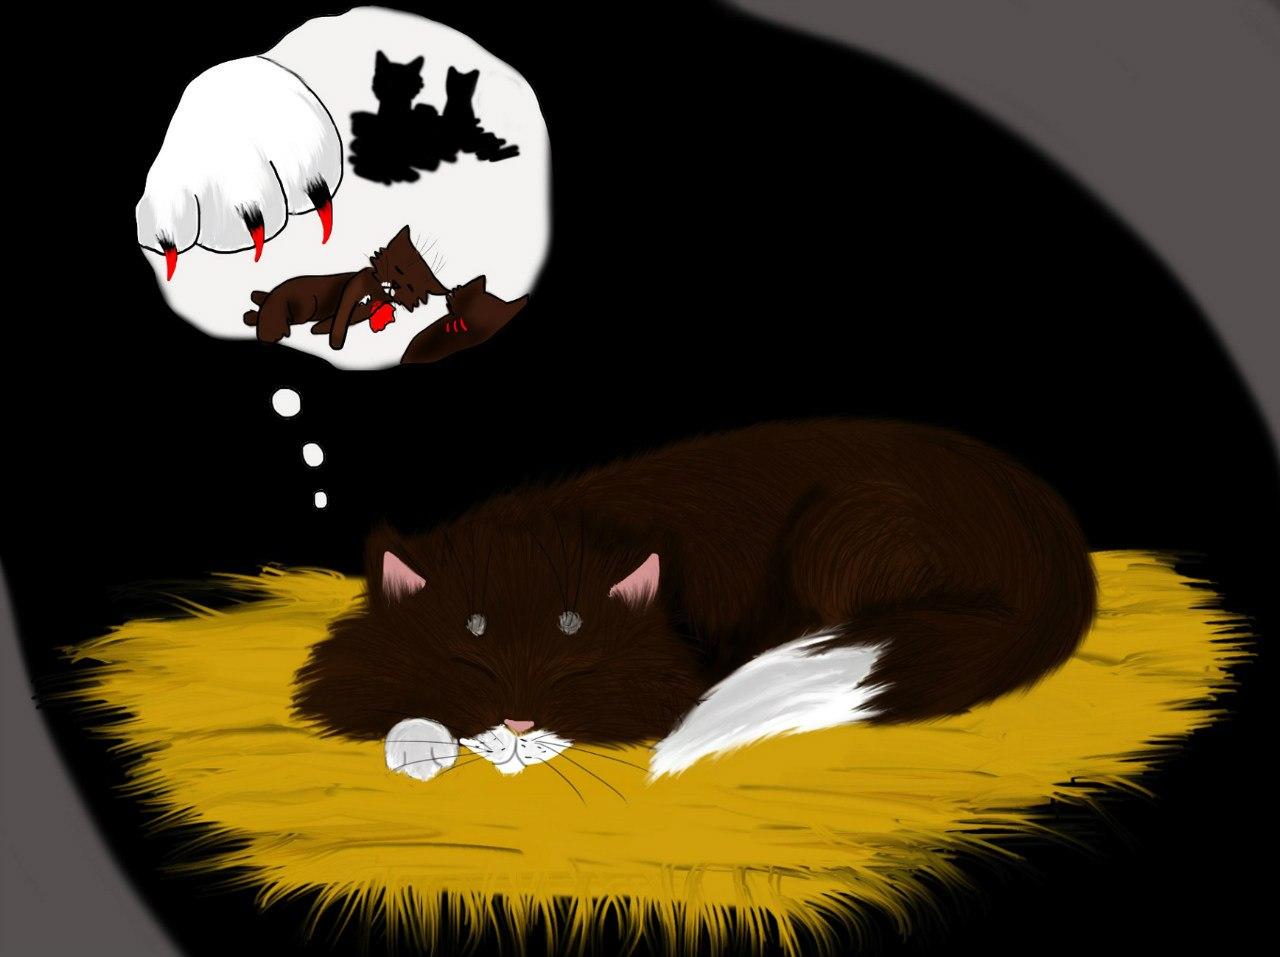 Обои морда, Хищник, угроза, дикая кошка, пасть, клыки, ссора, оскал, ярость, рык, Белый тигр, злость. Животные foto 10